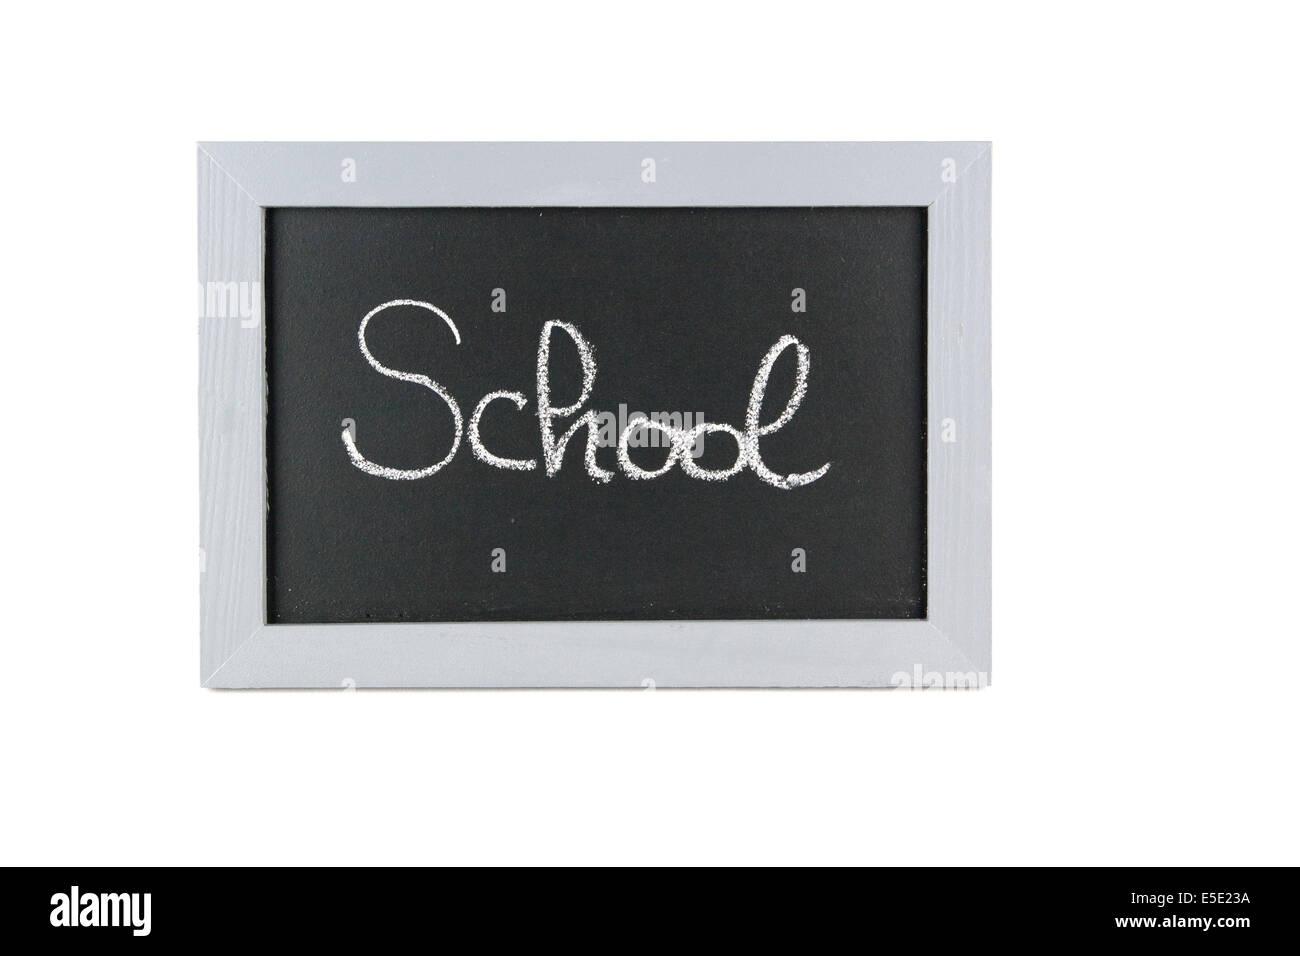 Tafel Schule Schule Ferien Urlaub Sommerpause Ferienzeit Sommerferien Kinder Mitschueler Frei Schulfrei Lernpause Stockbild